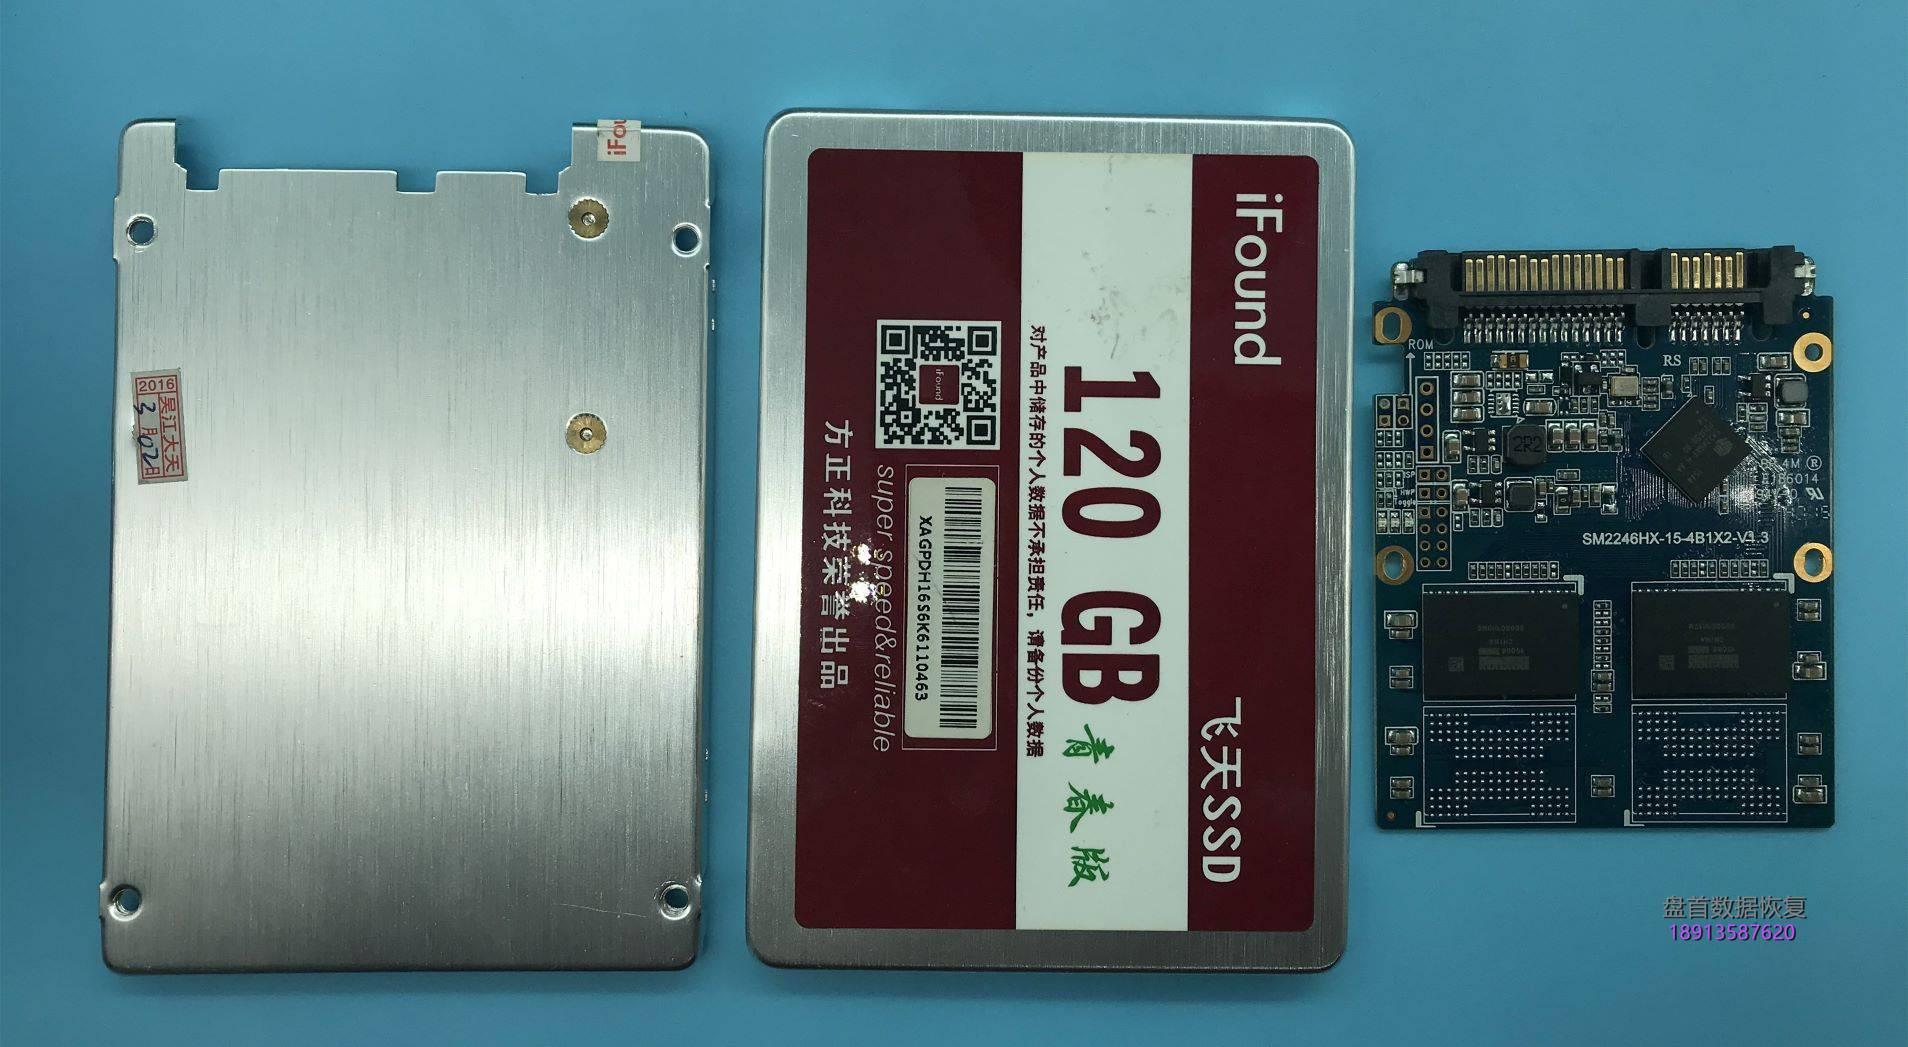 0-21 方正飞天SSD突然坏了无法识别也读出数据SSD主控SM2246XT数据修复成功